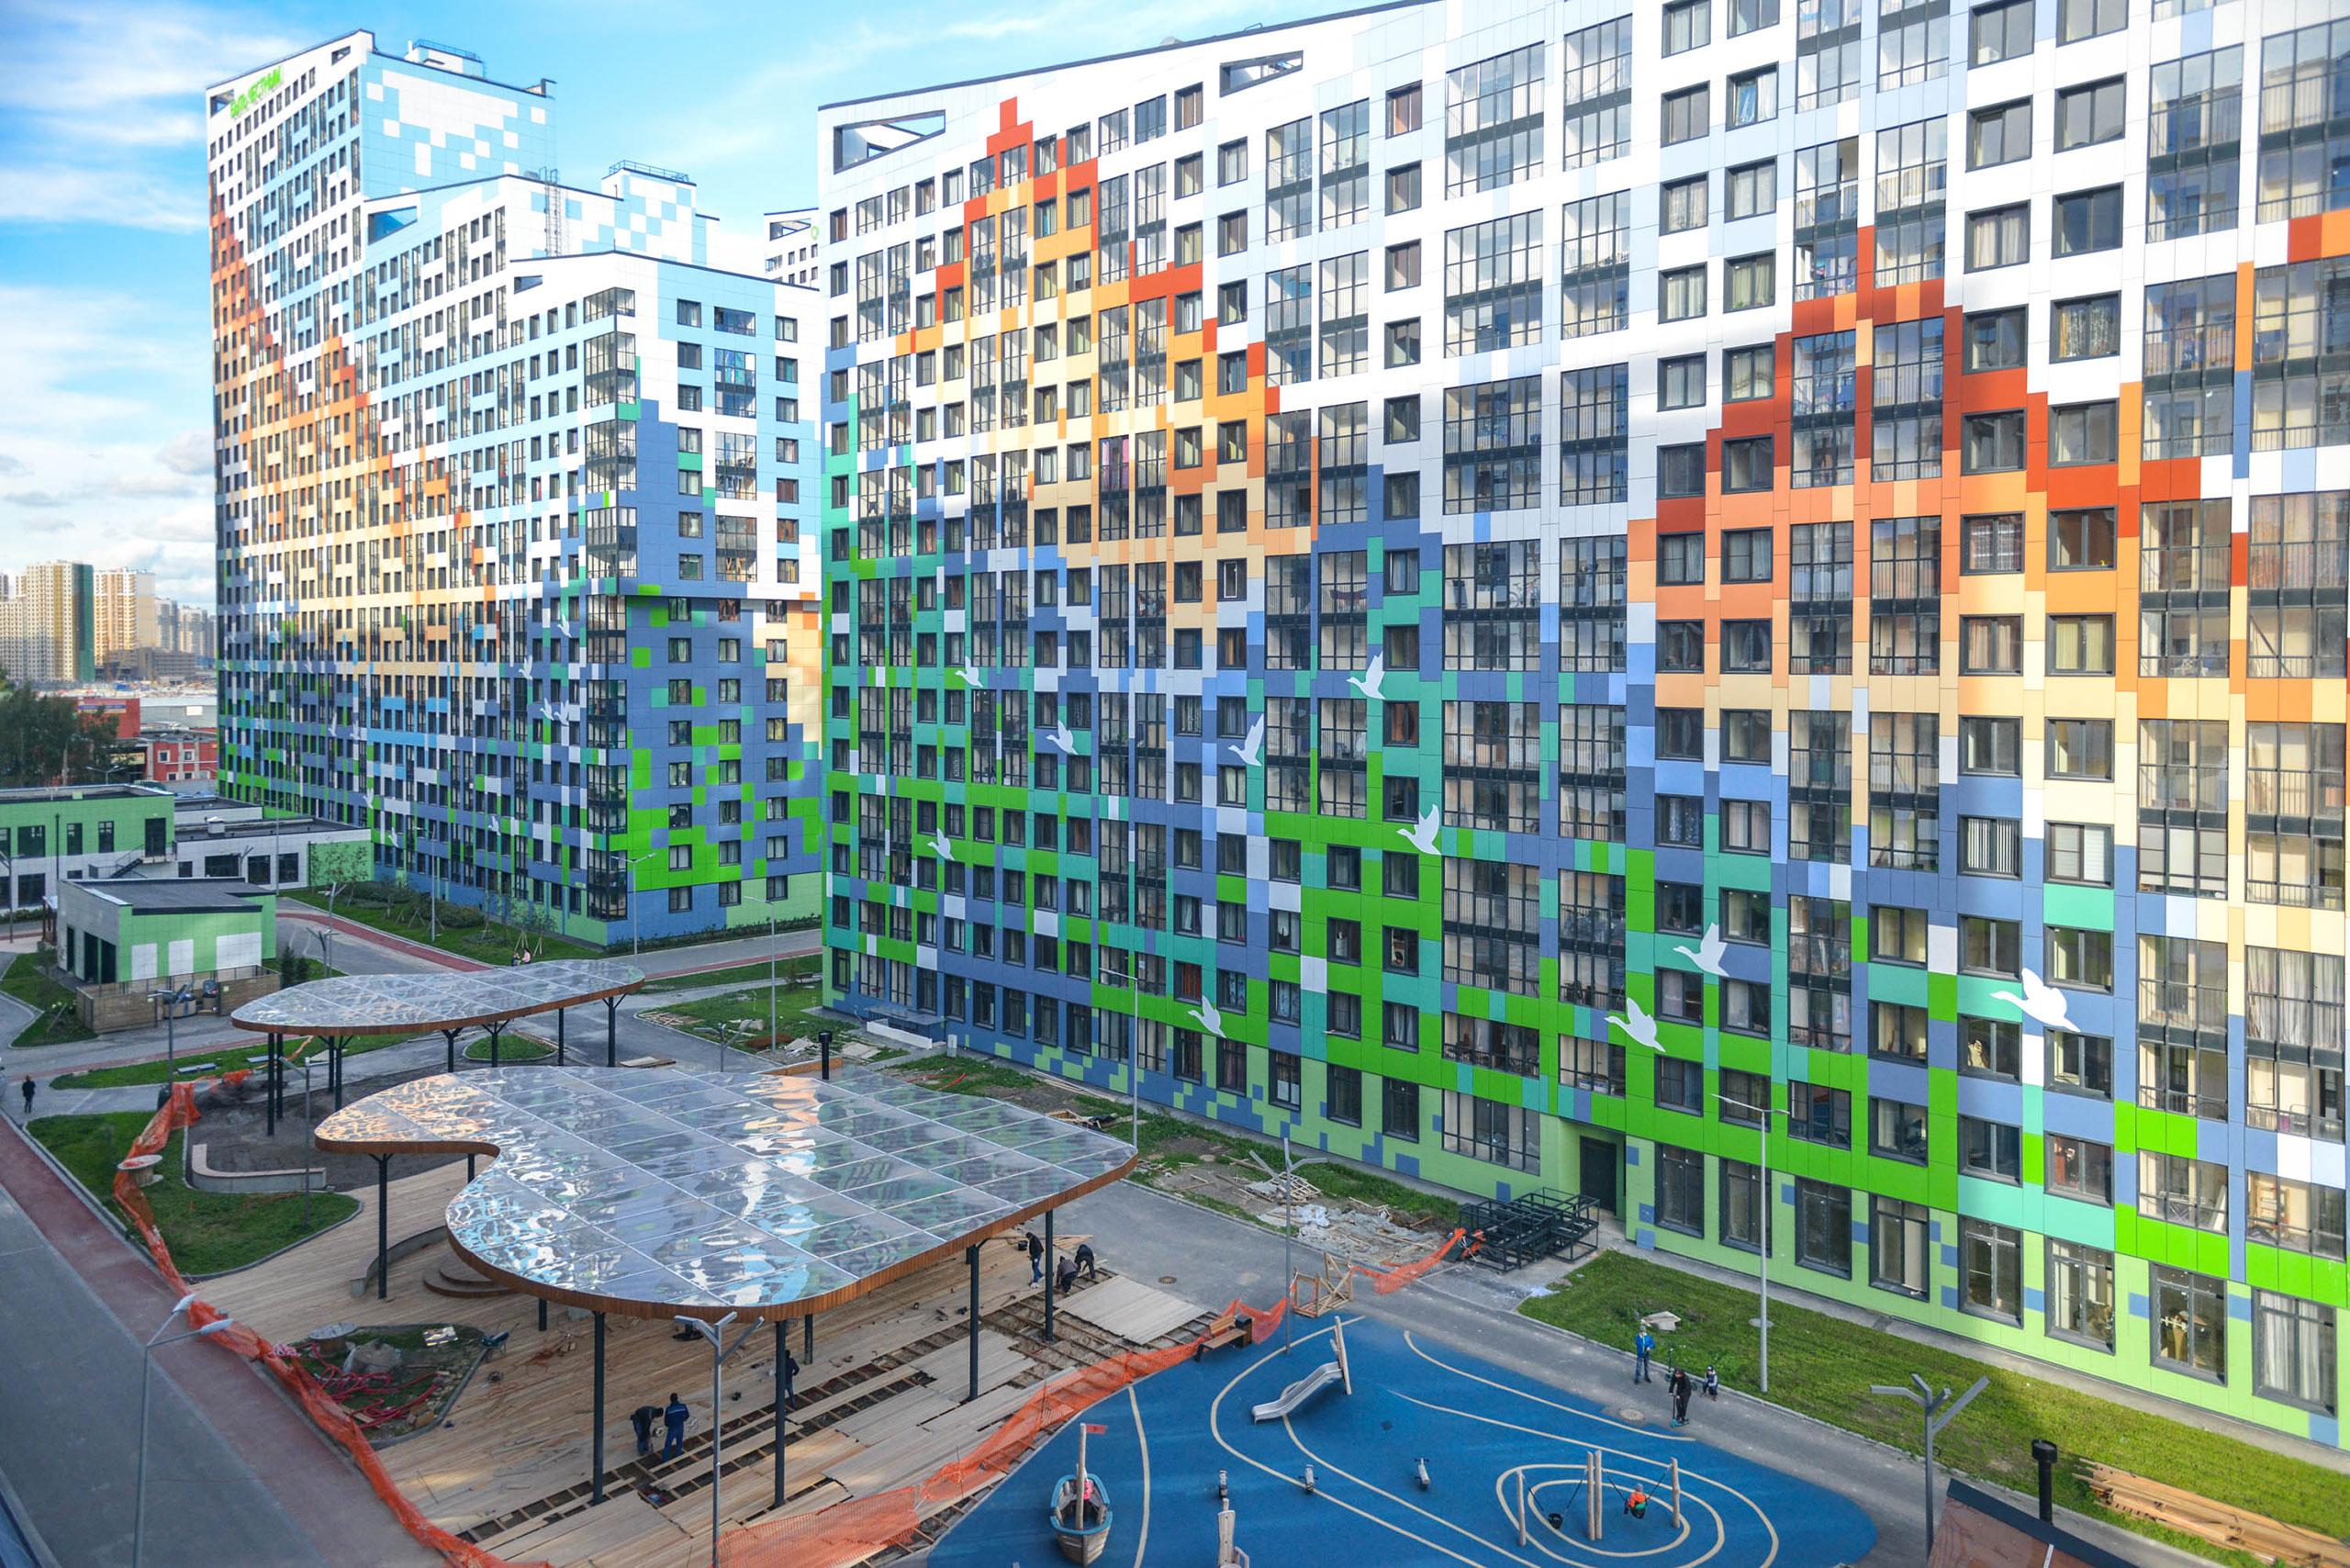 жк молодежный санкт петербург фото близкие